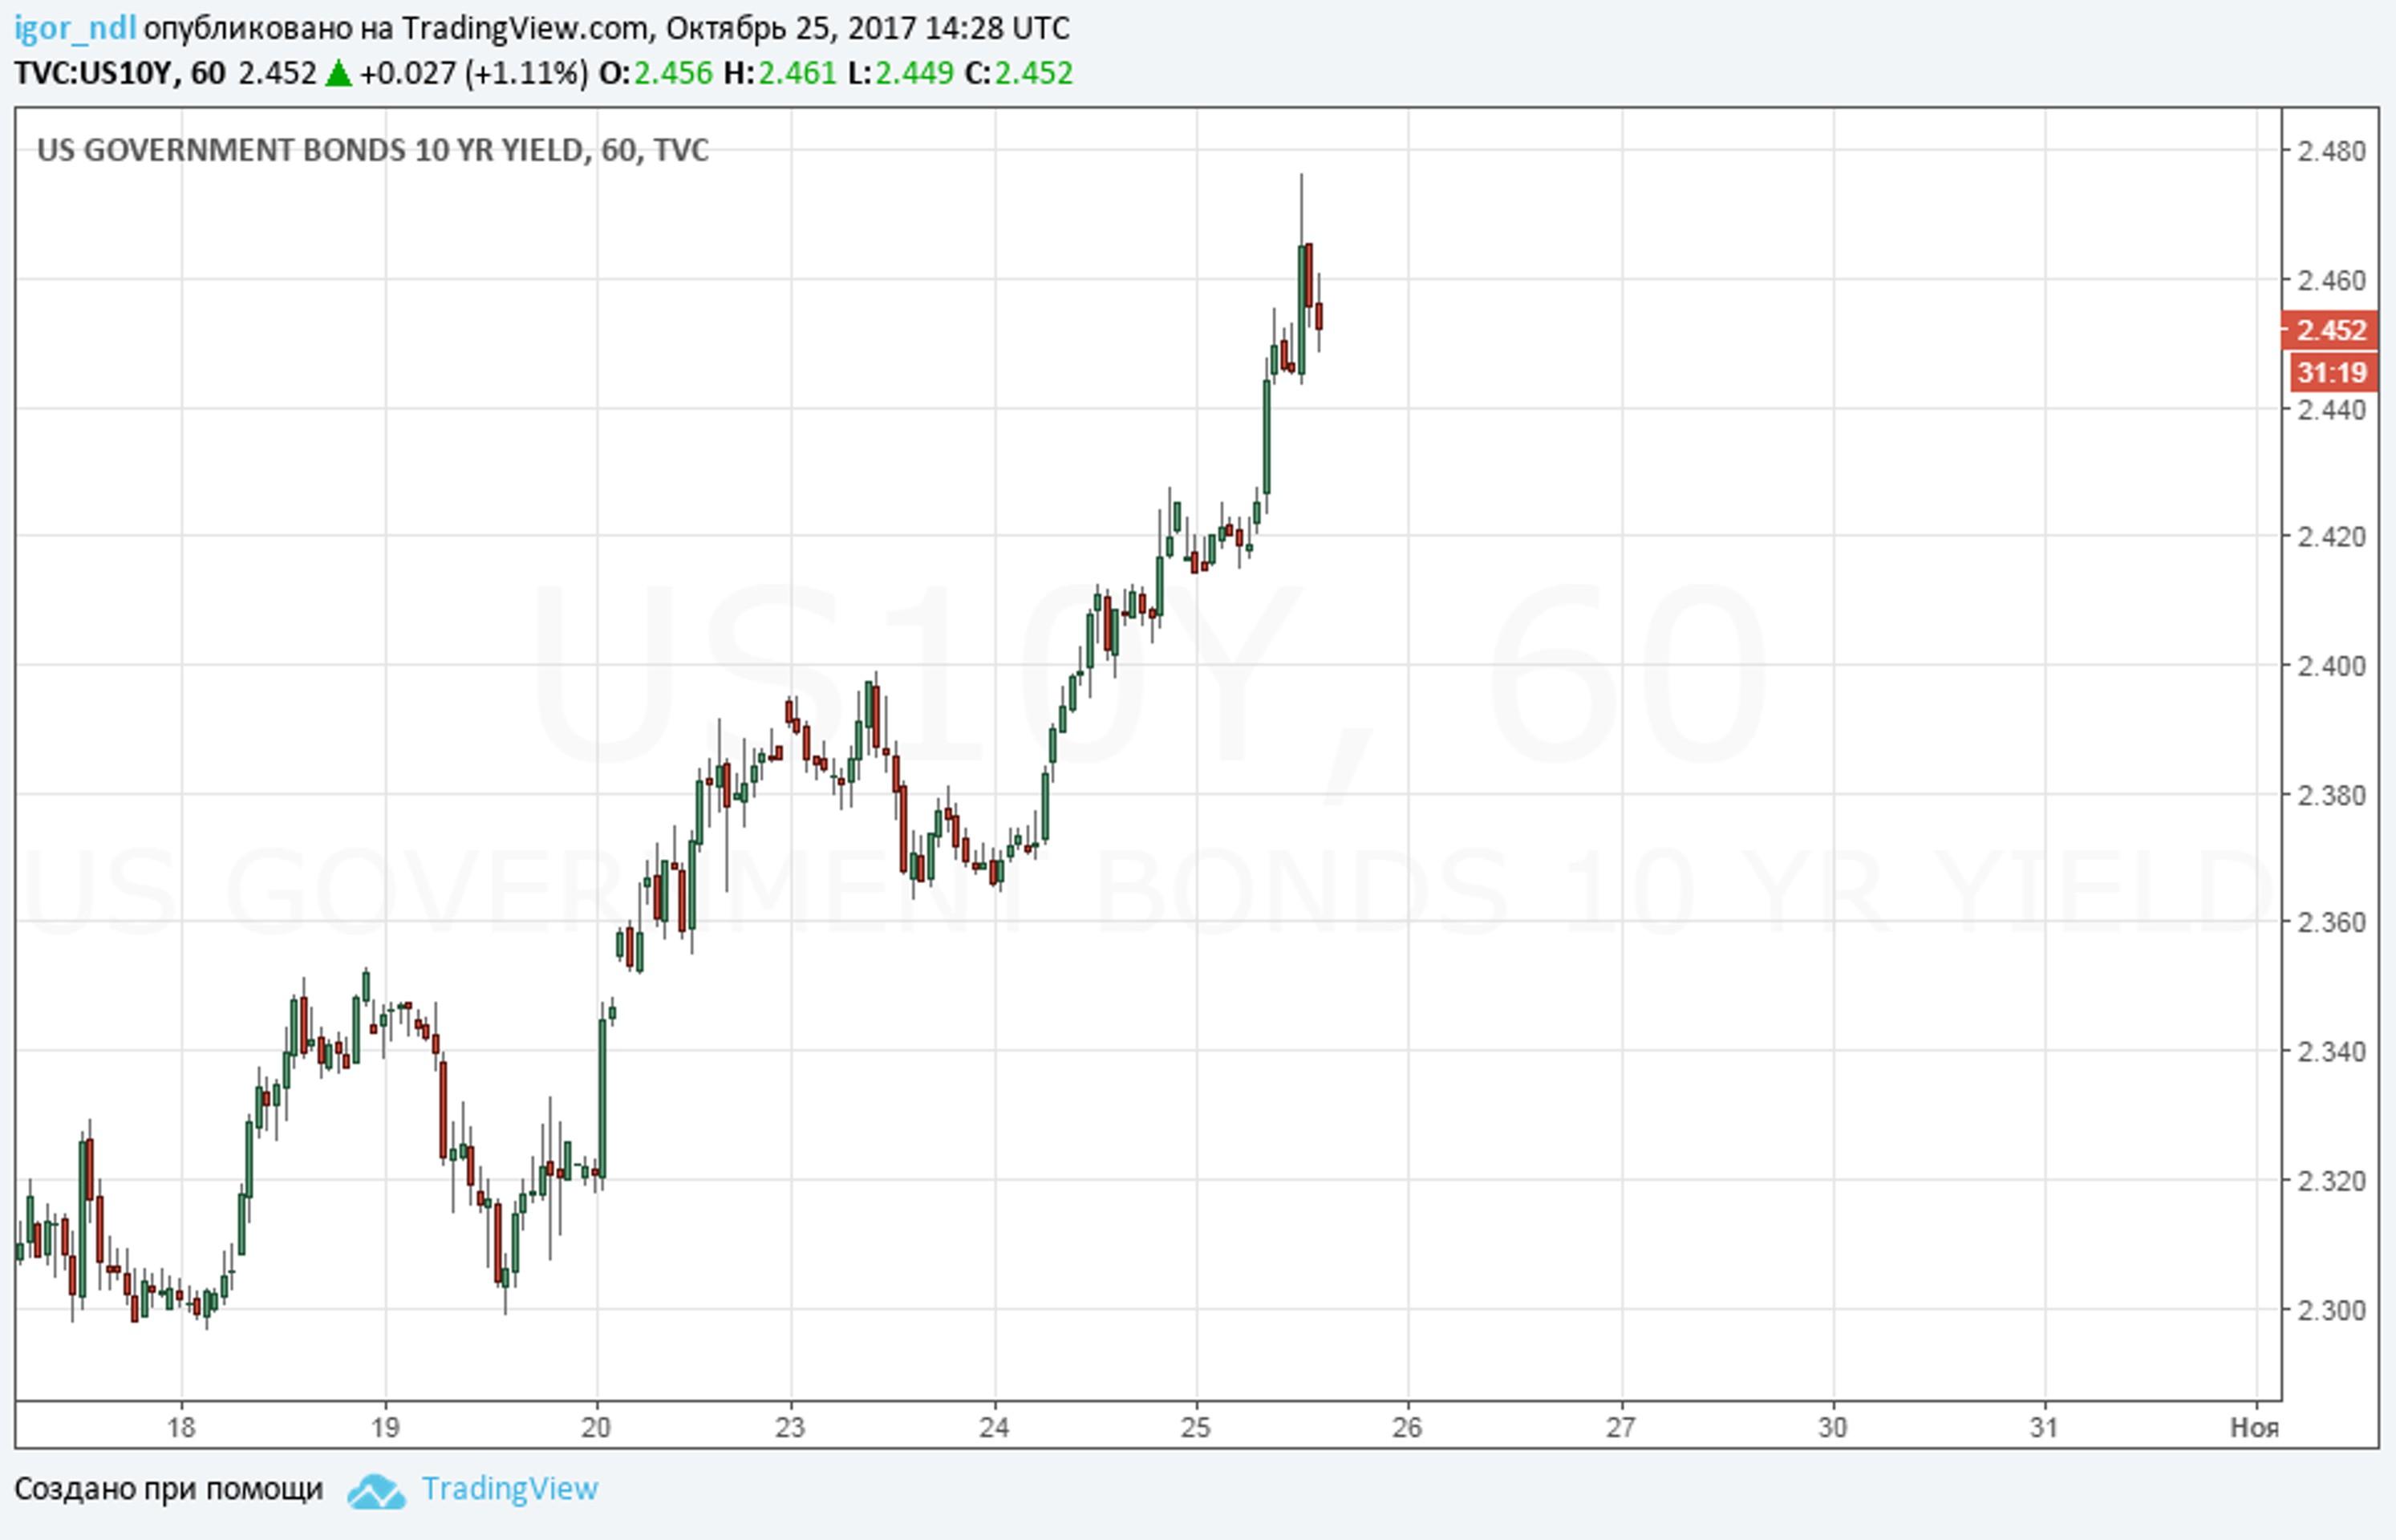 Минфин сумел продать ОФЗ в ходе шторма на рынке